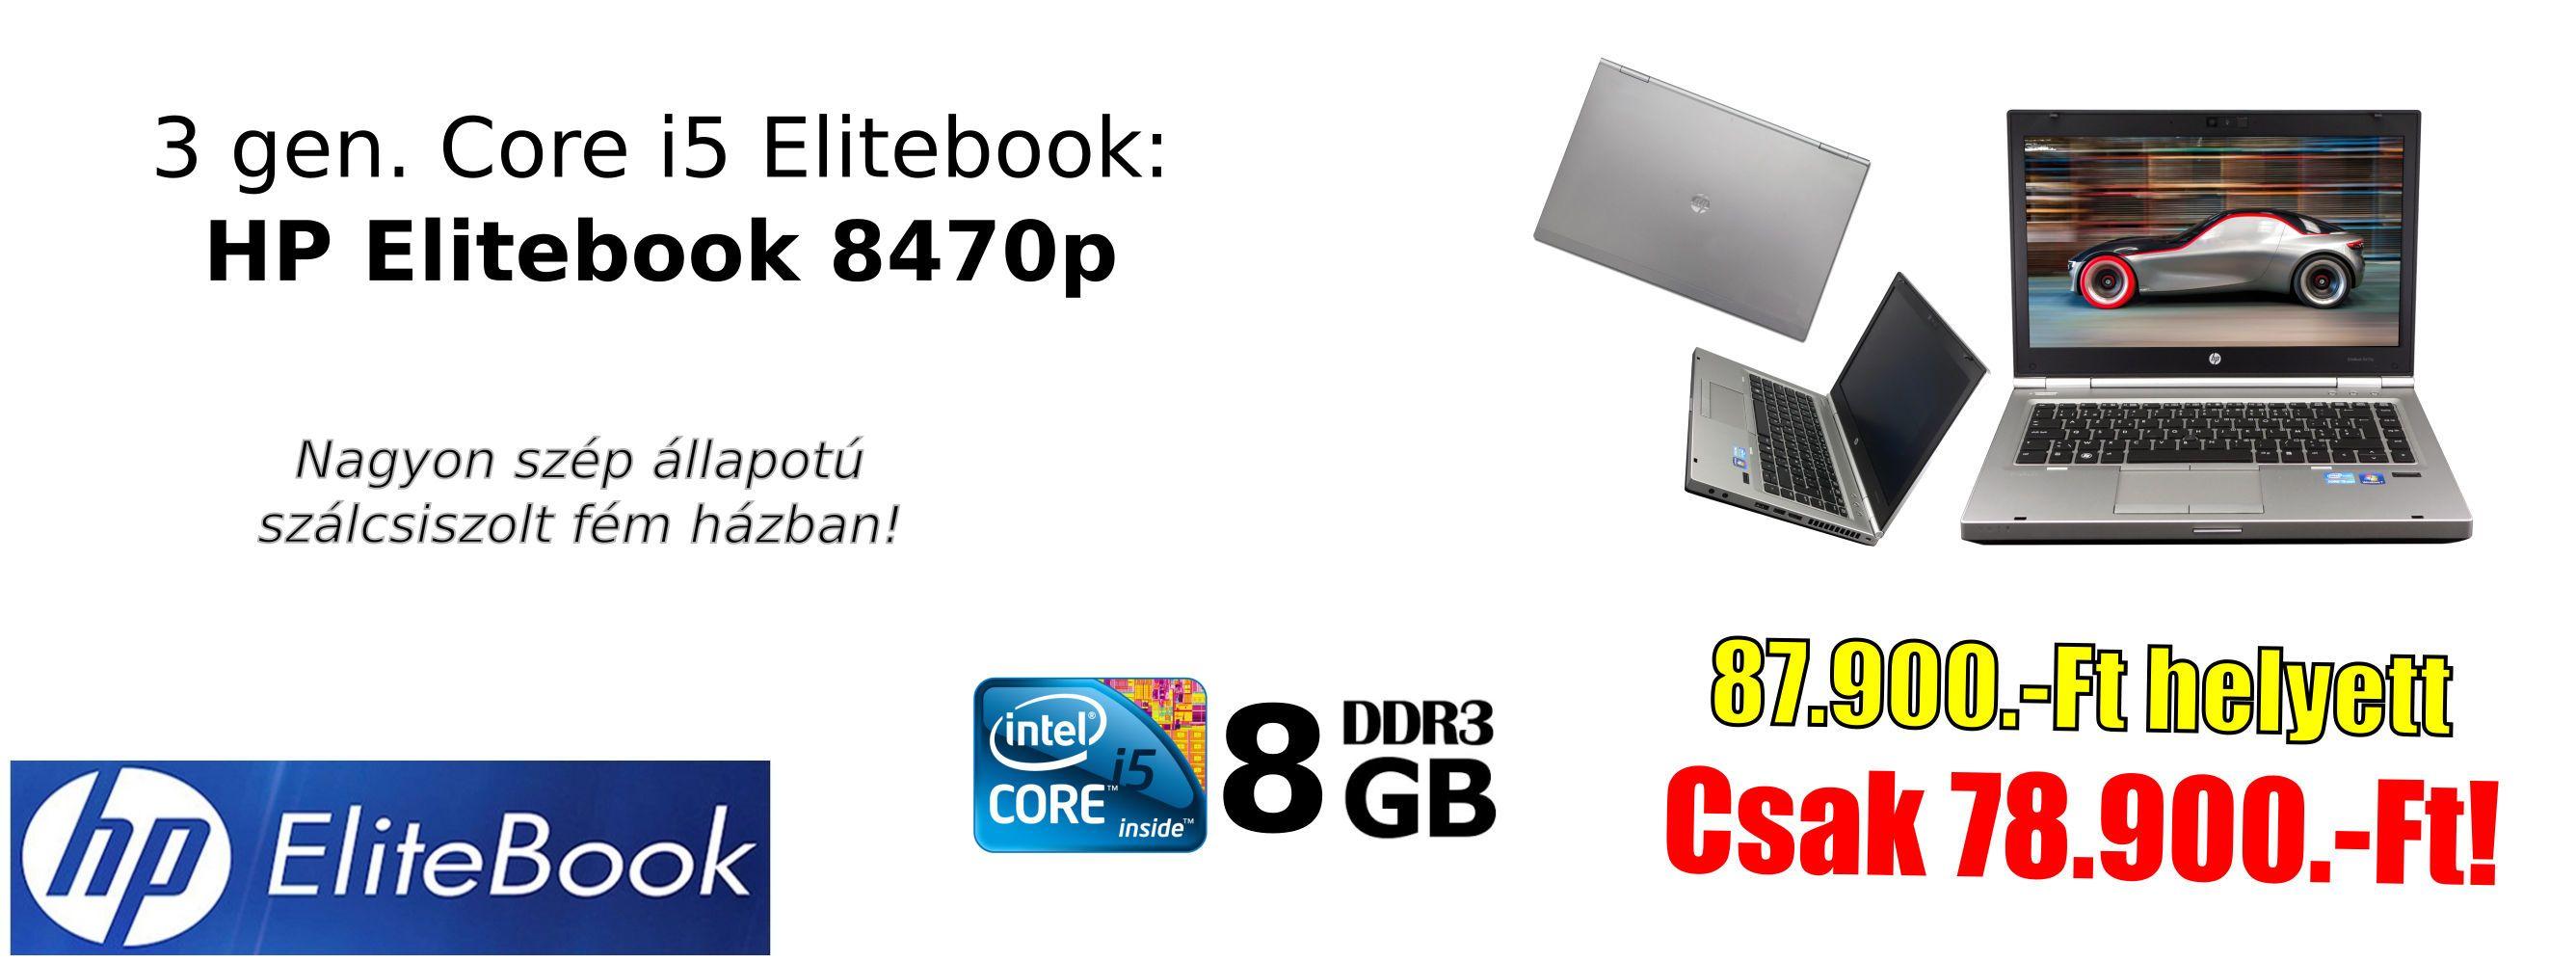 Használt laptop olcsó áron a laptopoazis.hu-tól!  f3f967b426